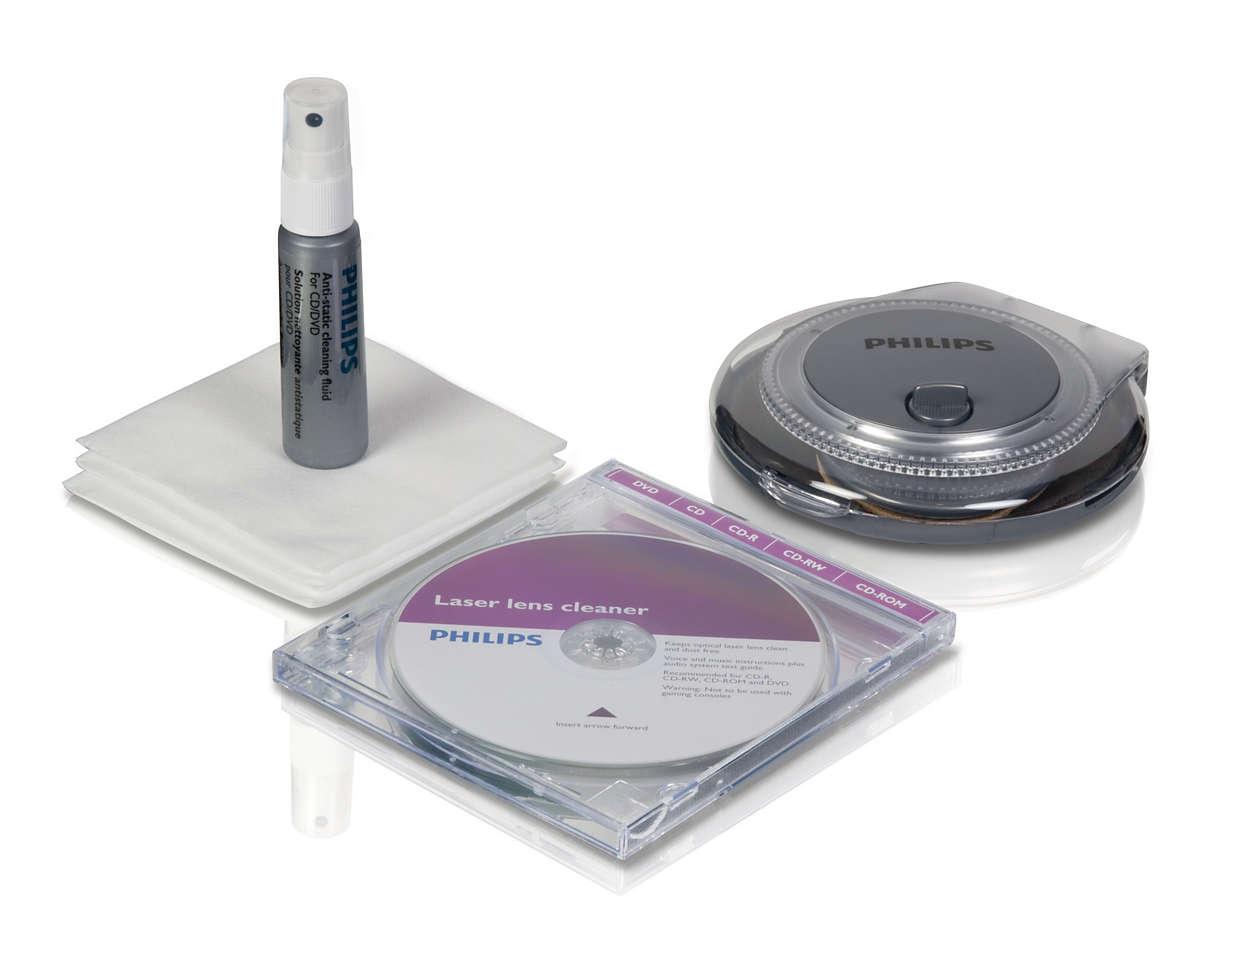 Kit de nettoyage pour CD/DVD et lecteurs